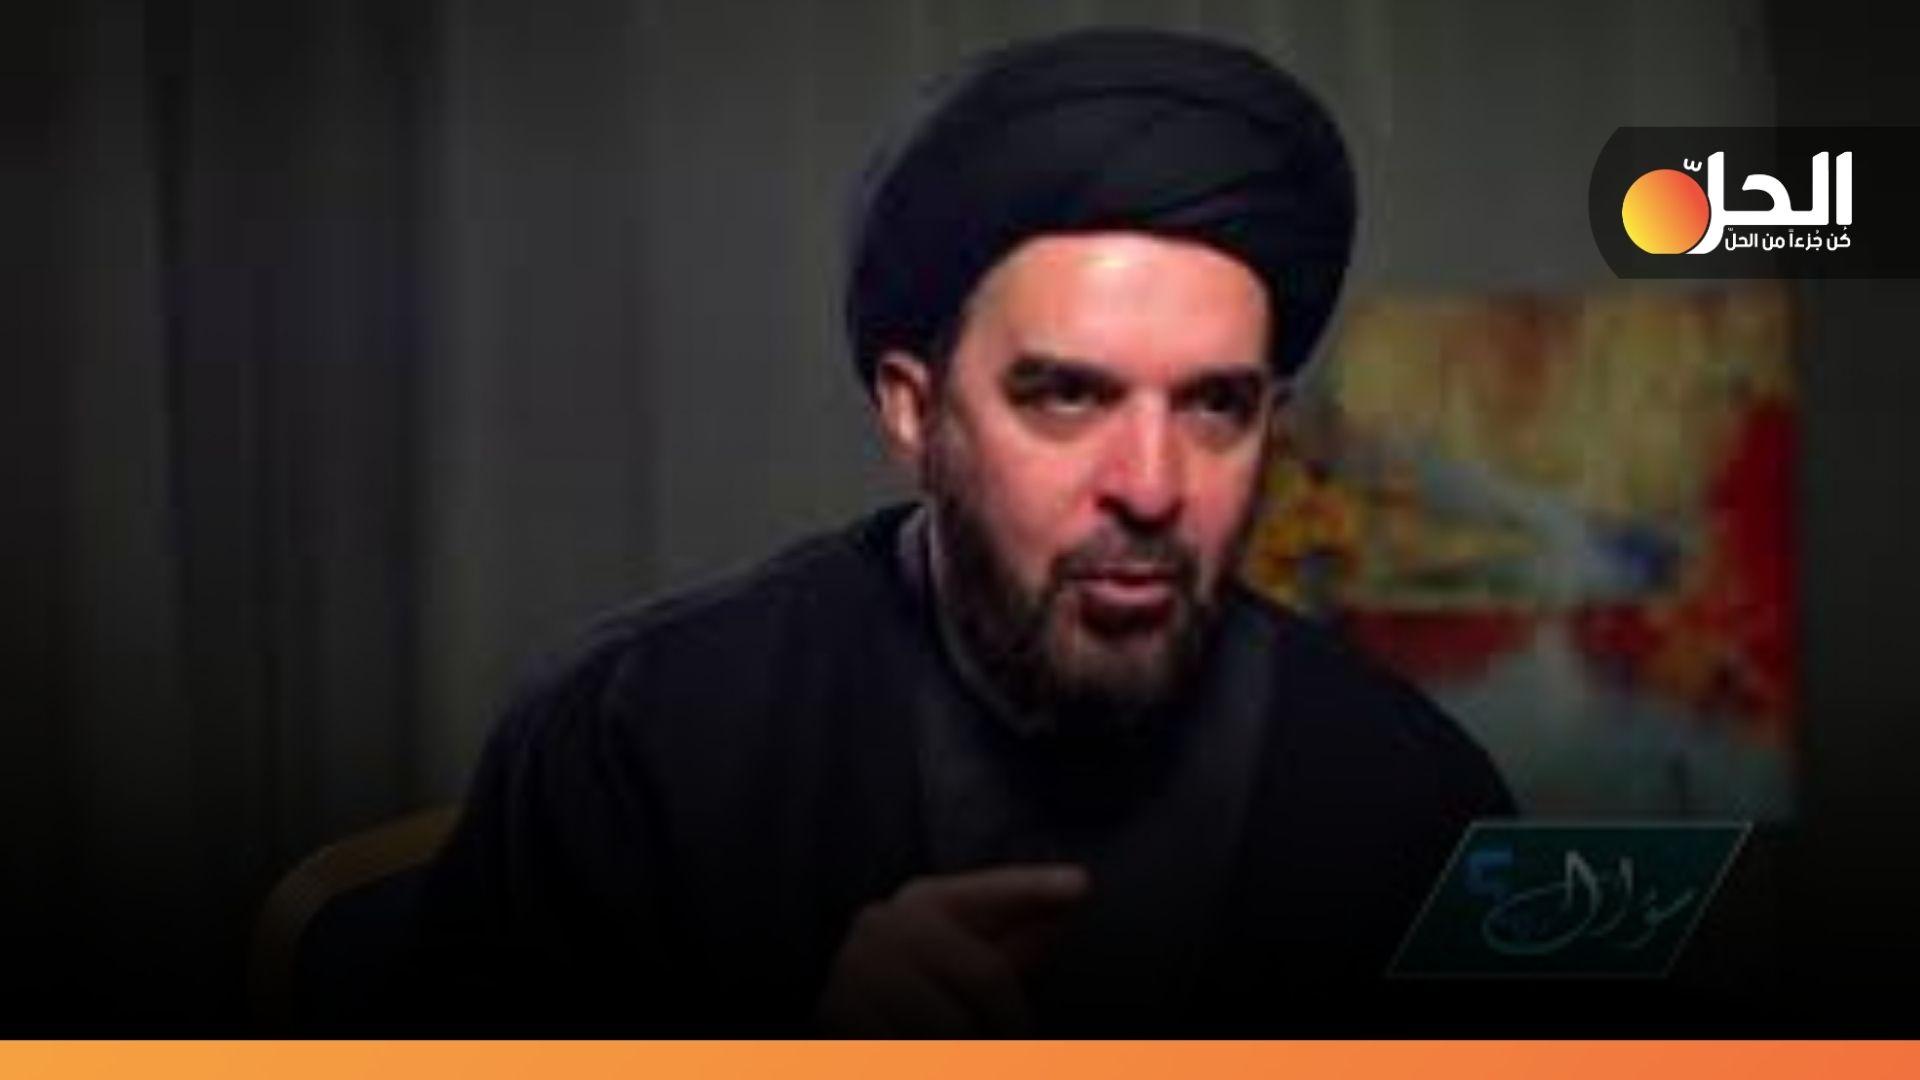 """""""أياد جمال الدين"""" يُهاجم النسويّات العراقيات: تحريضٌ وكَراهيَة!"""